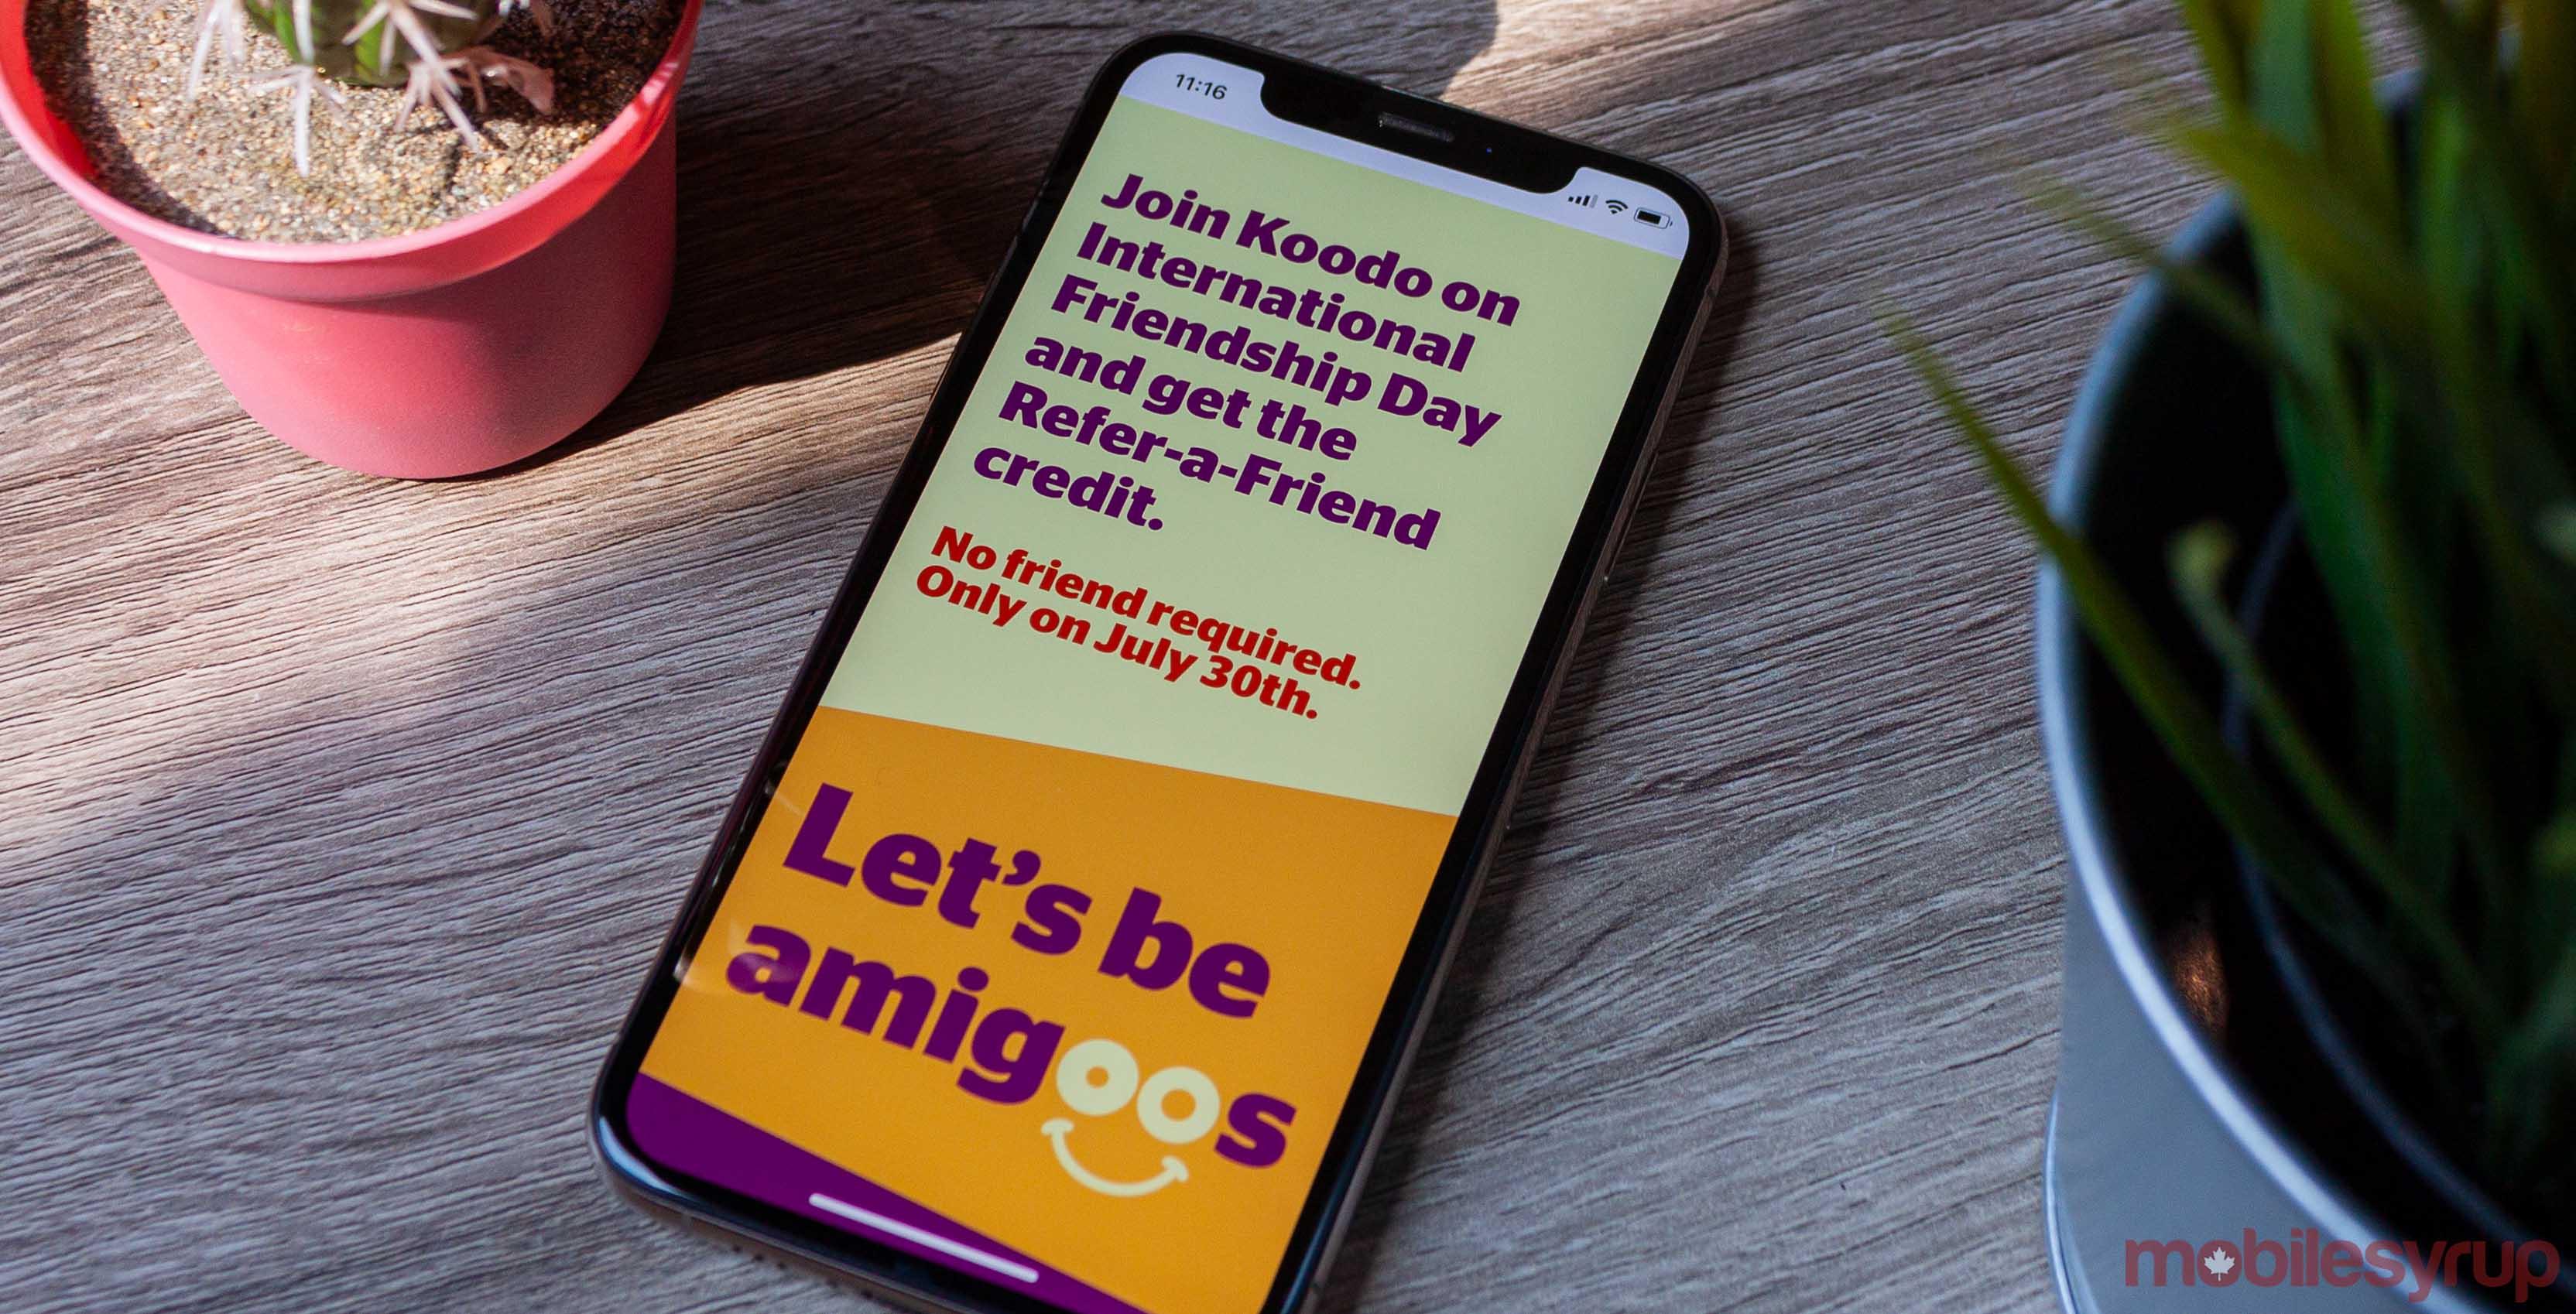 Koodo international friendship day